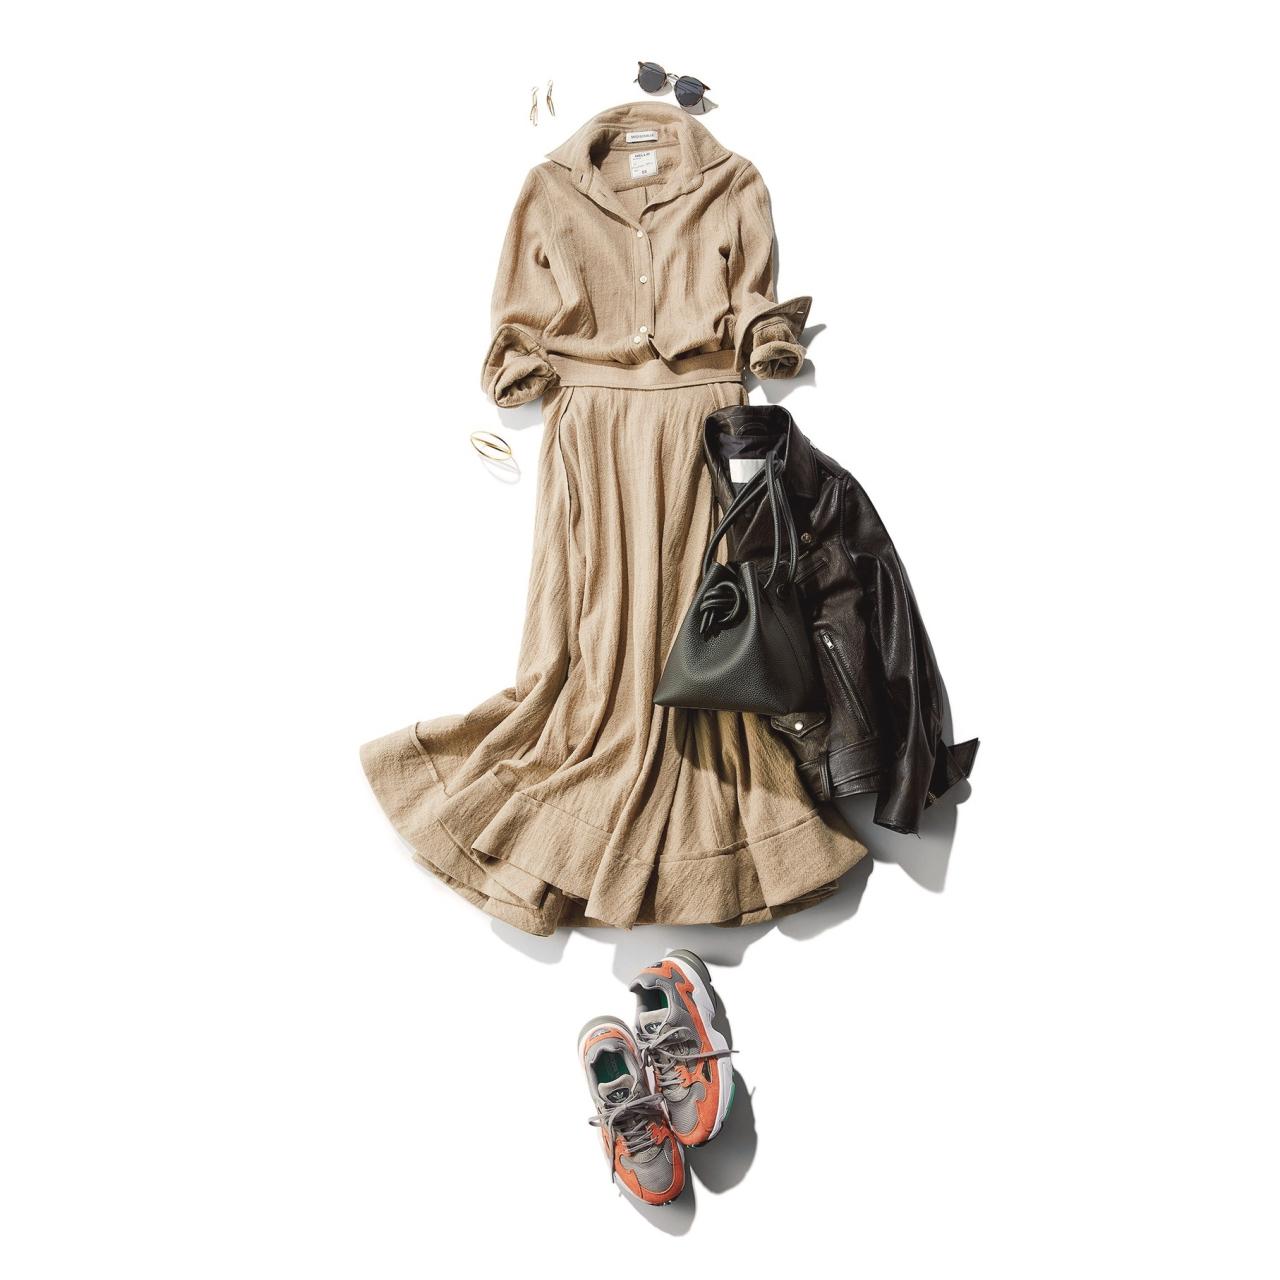 ベージュのシャツ&スカート×ハイテクスニーカーのファッションコーデ